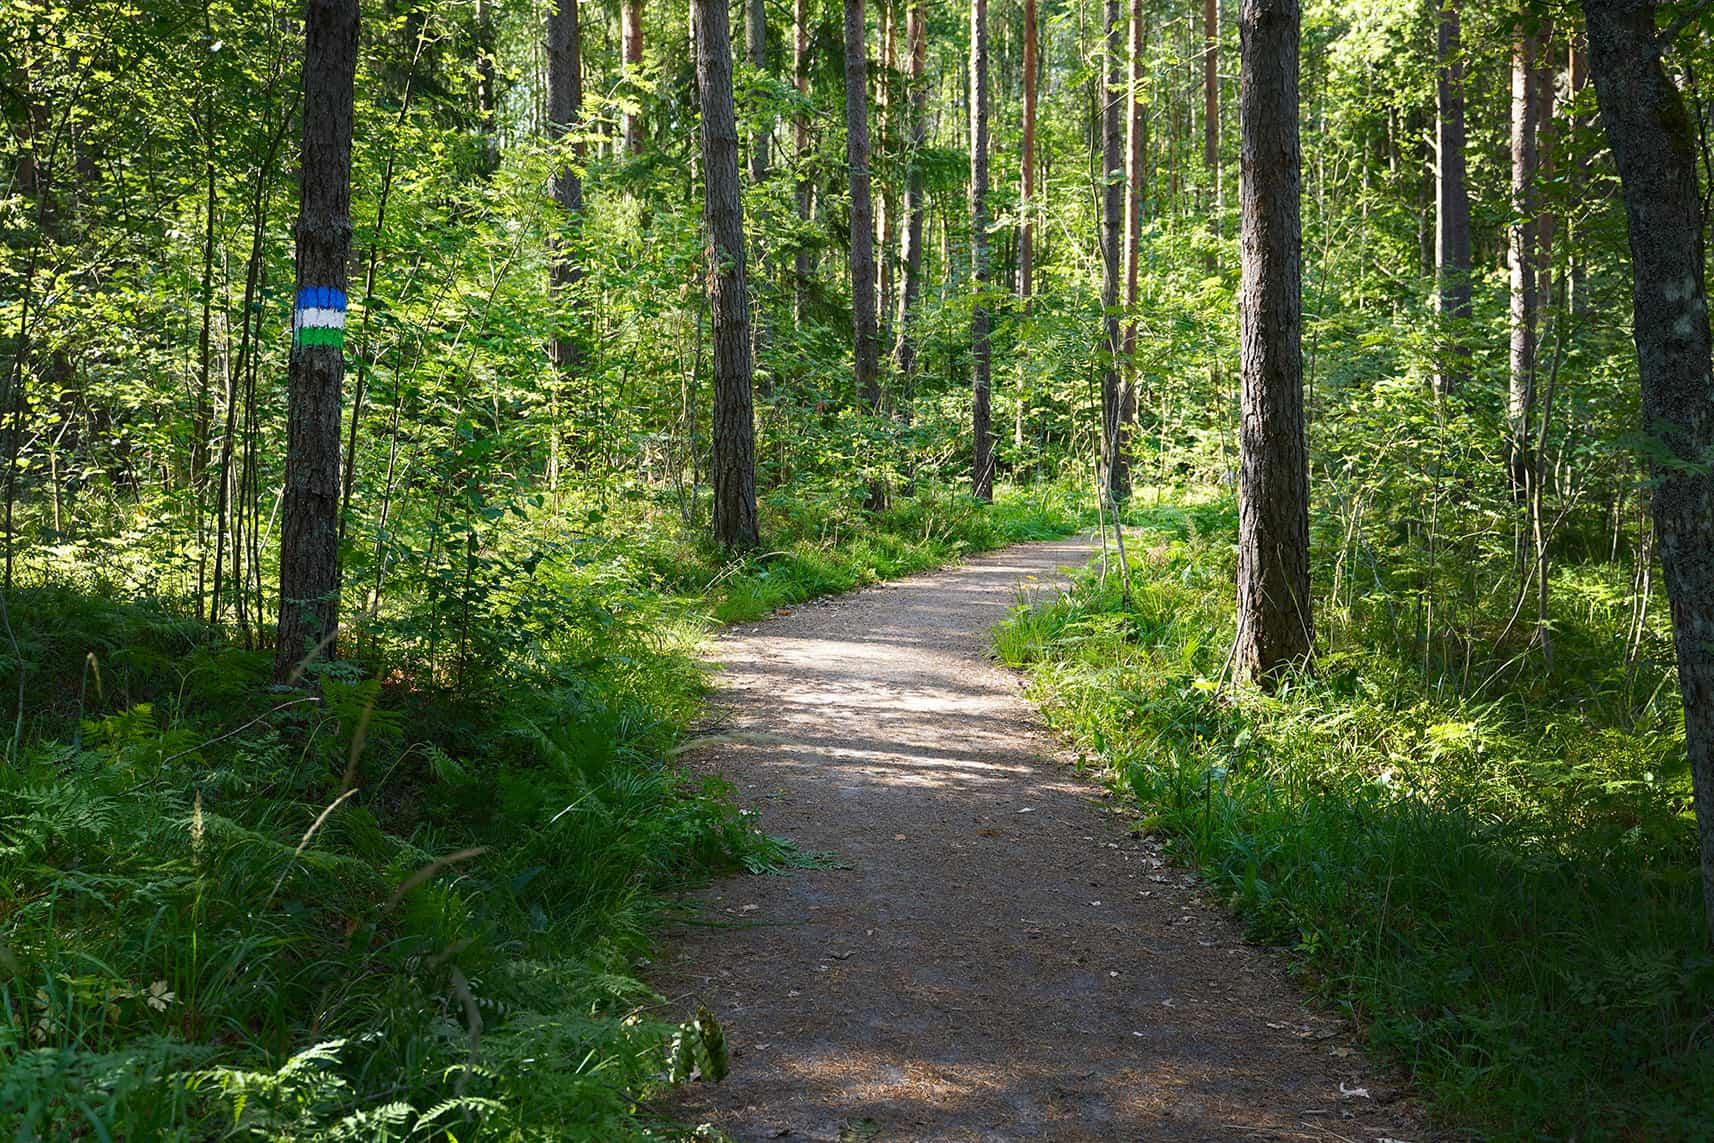 Luontopolku, jonka varrella olevassa puussa näkyy Tammireitistön tunnus.